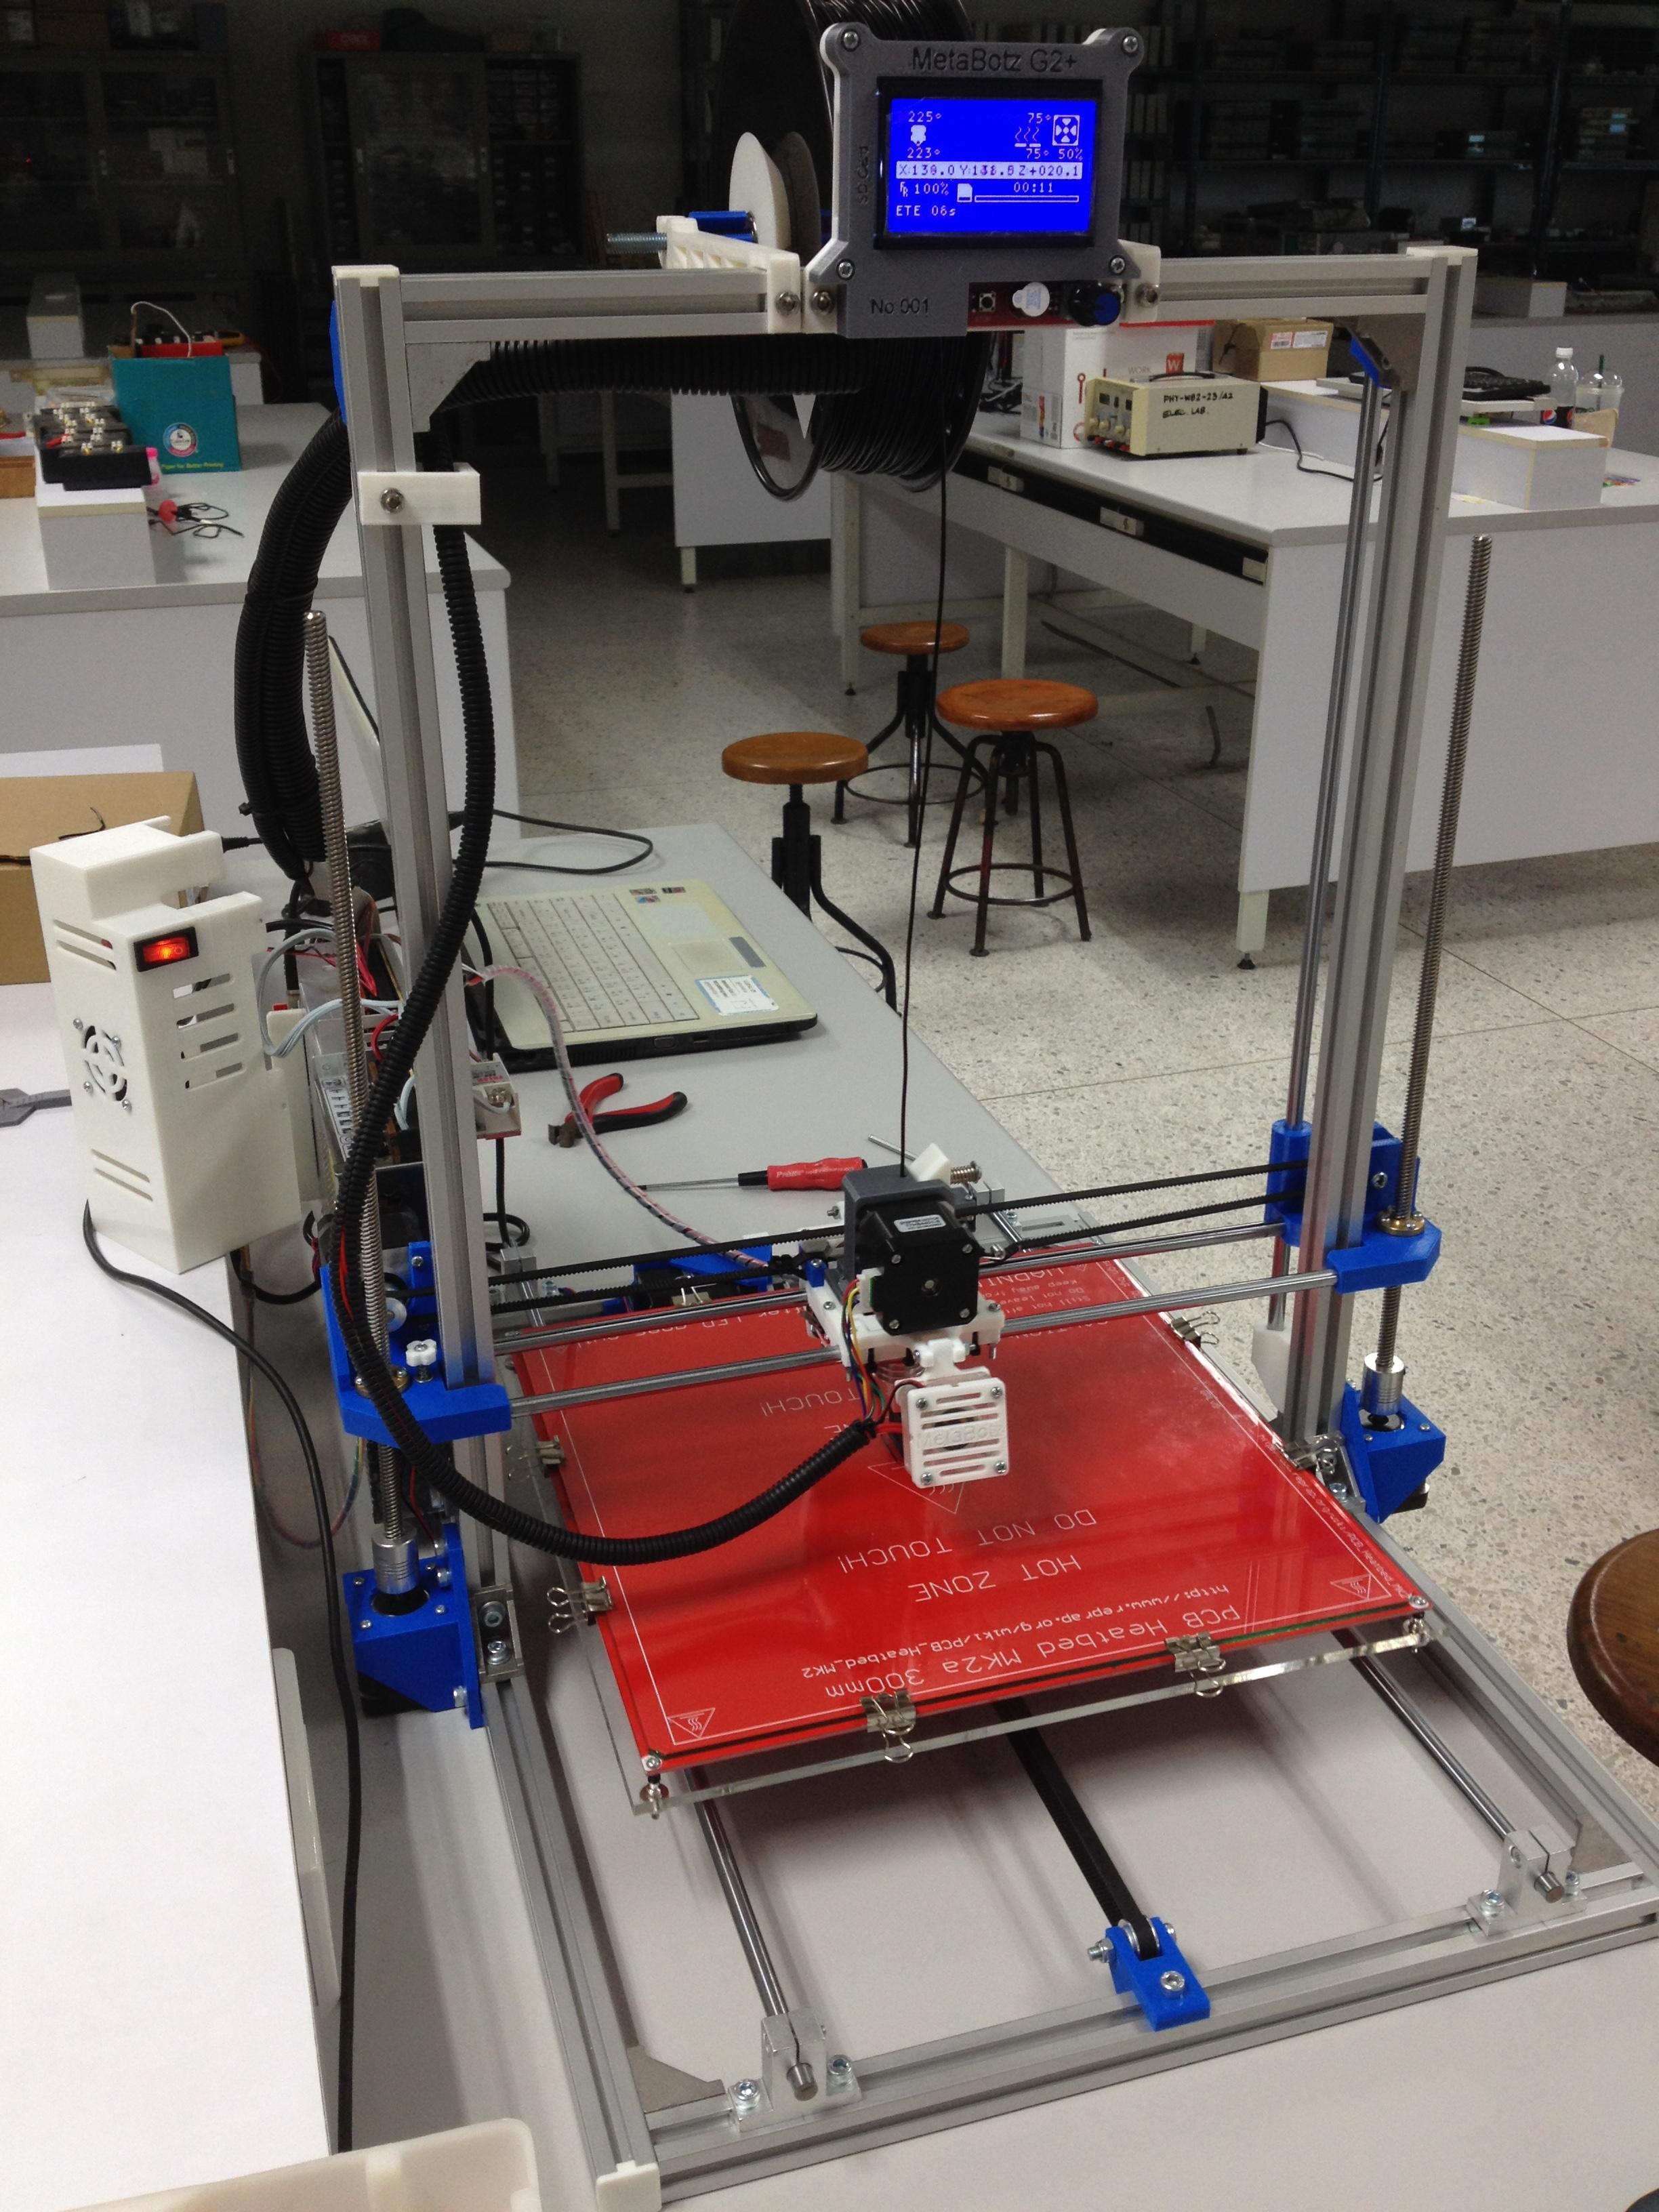 """เครื่องพิมพ์สามมิติ 3D printer """"MetaBotz G2+"""" พิมพ์ใหญ่สุดที่ 300x300x350mm รับประกัน 6 เดือน"""